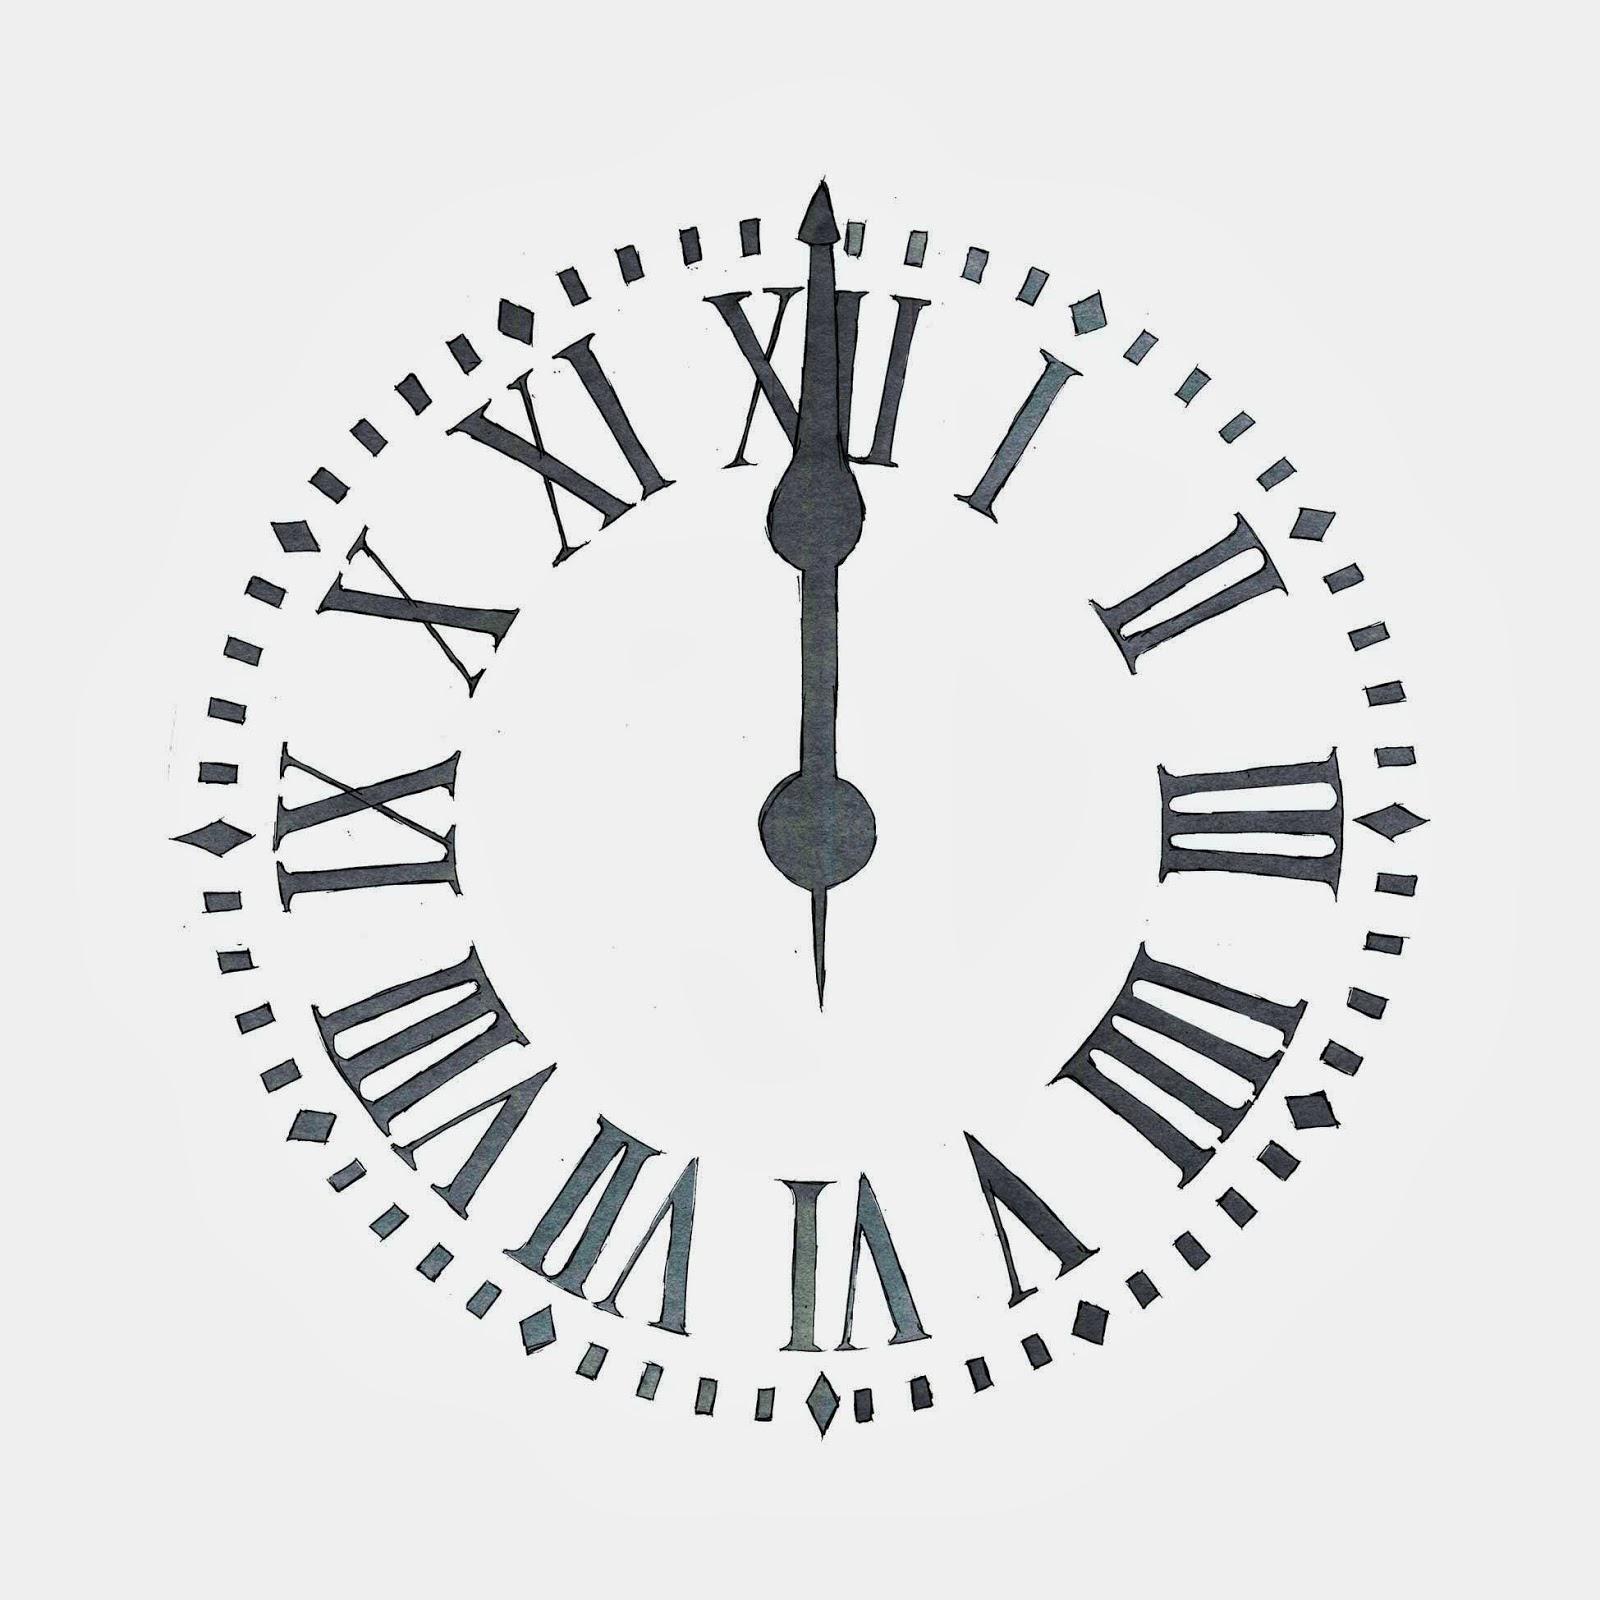 Relojes antiguos dibujos for Imagenes de relojes